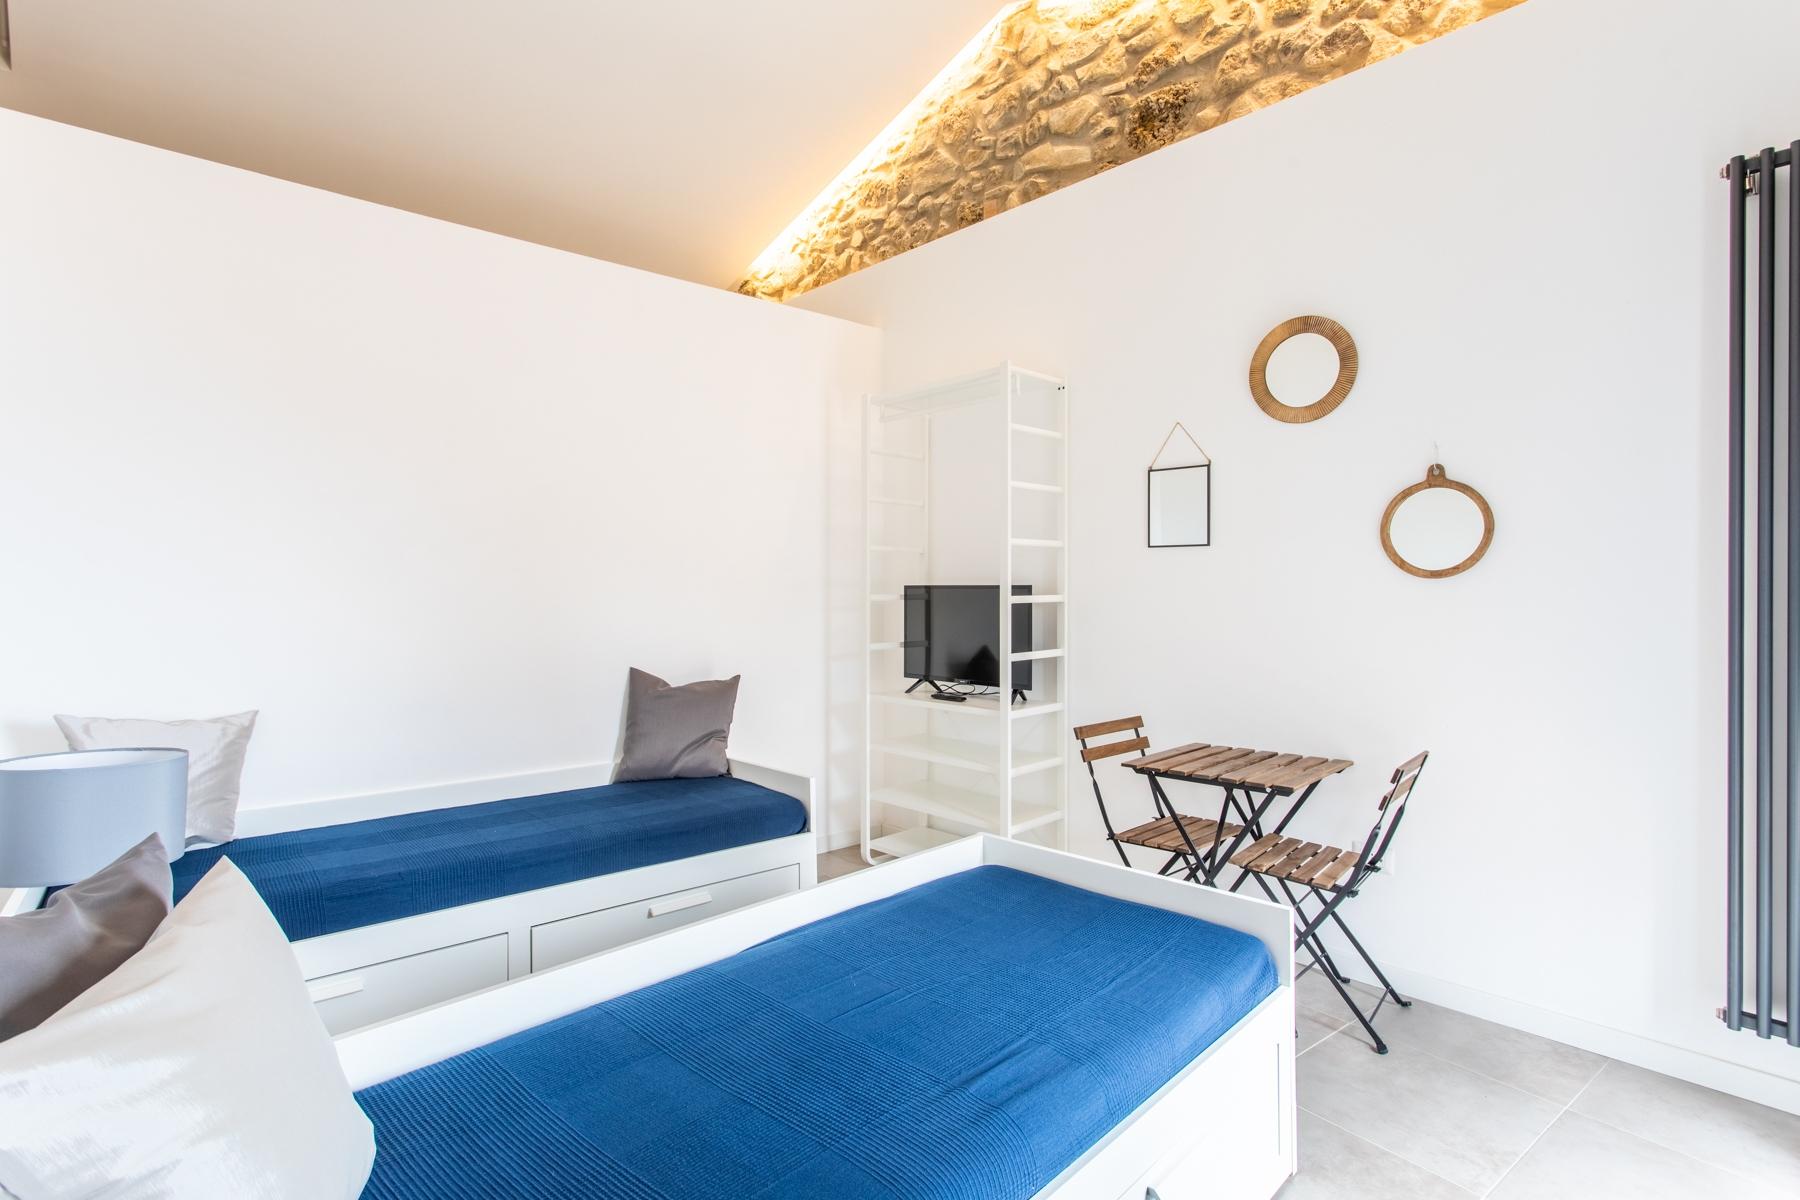 Appartamento in Vendita a Trevignano Romano: 4 locali, 85 mq - Foto 3